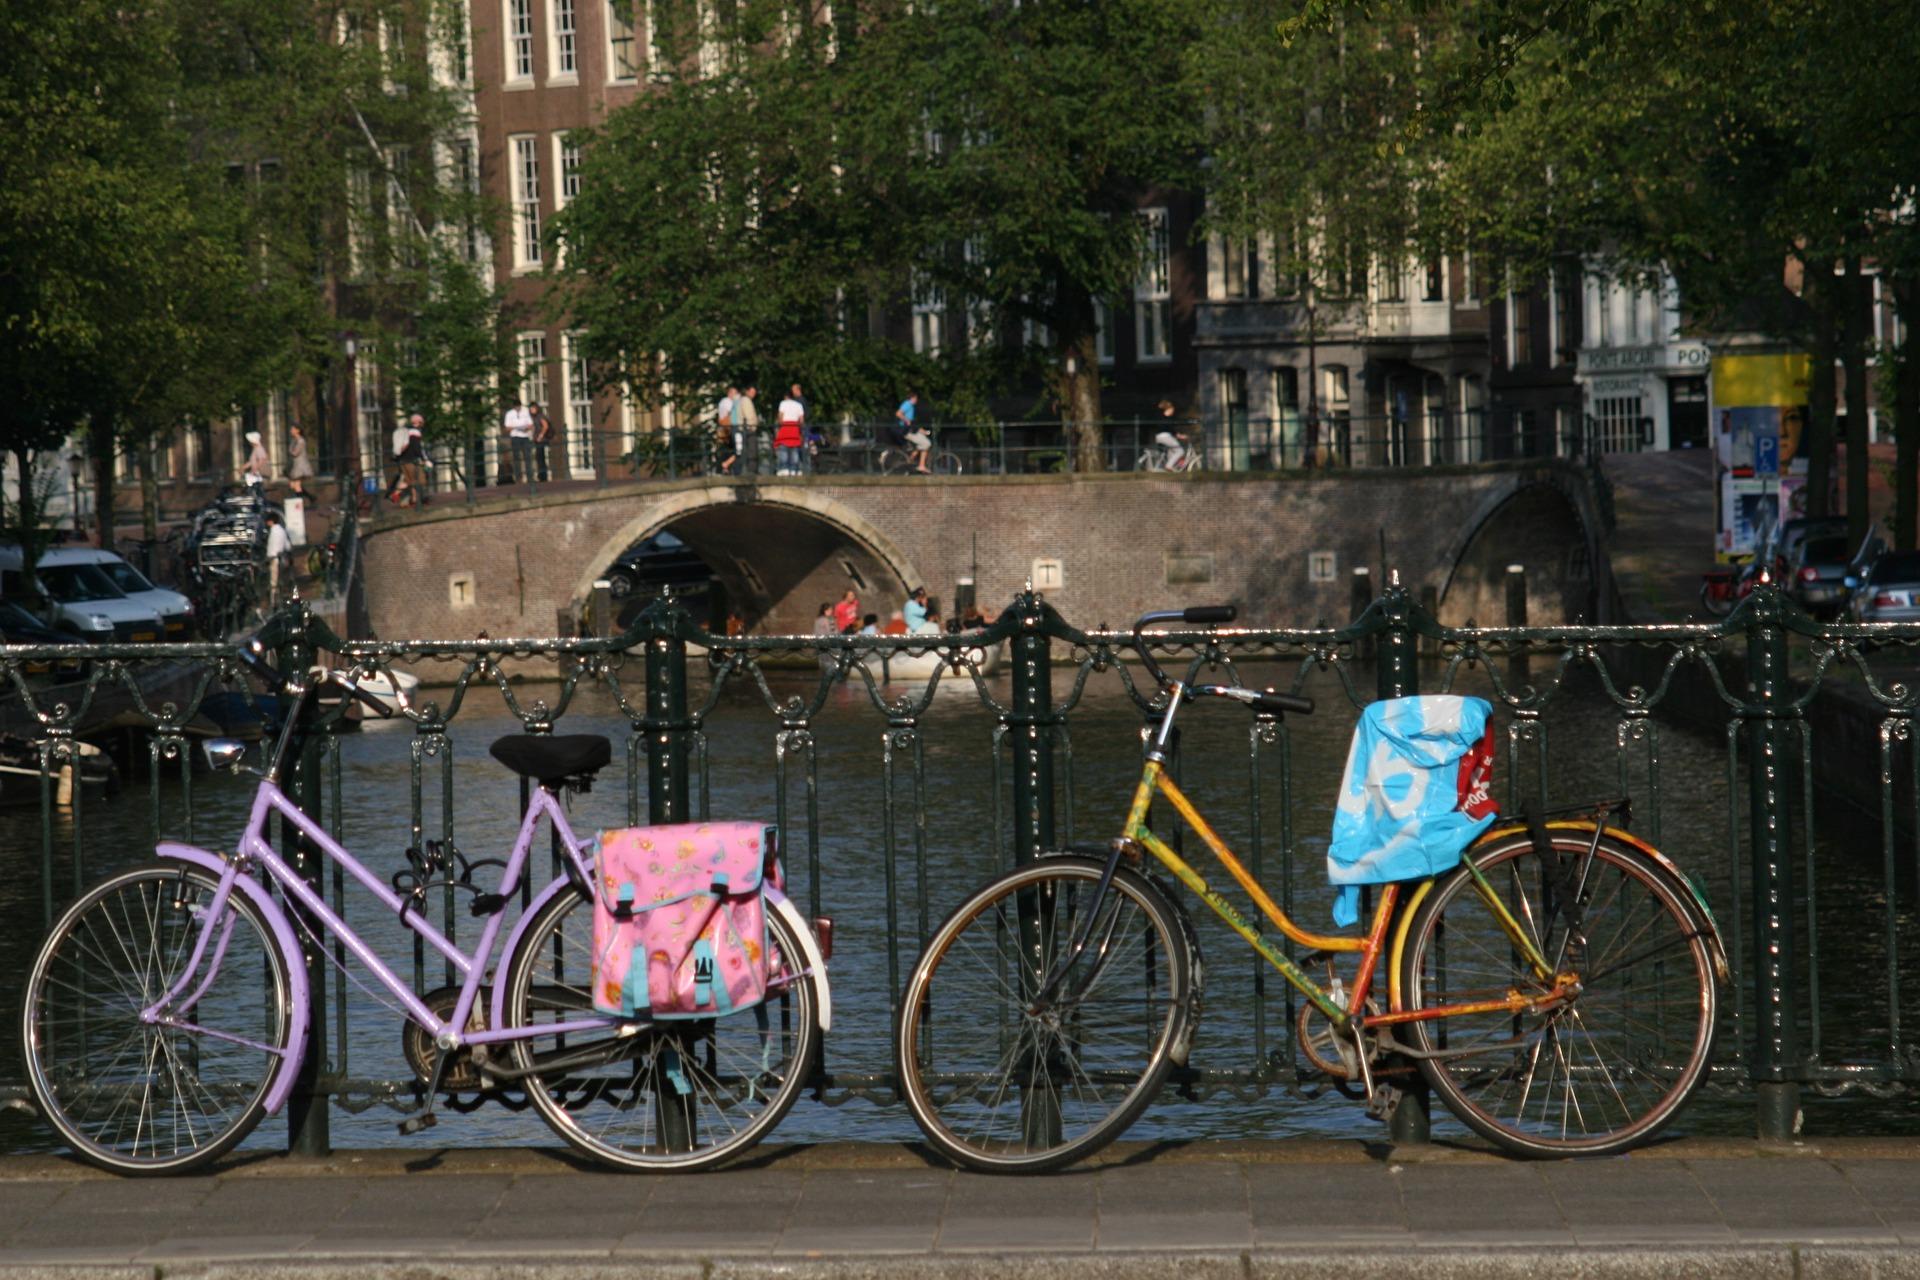 bicycle-714167_1920.jpg